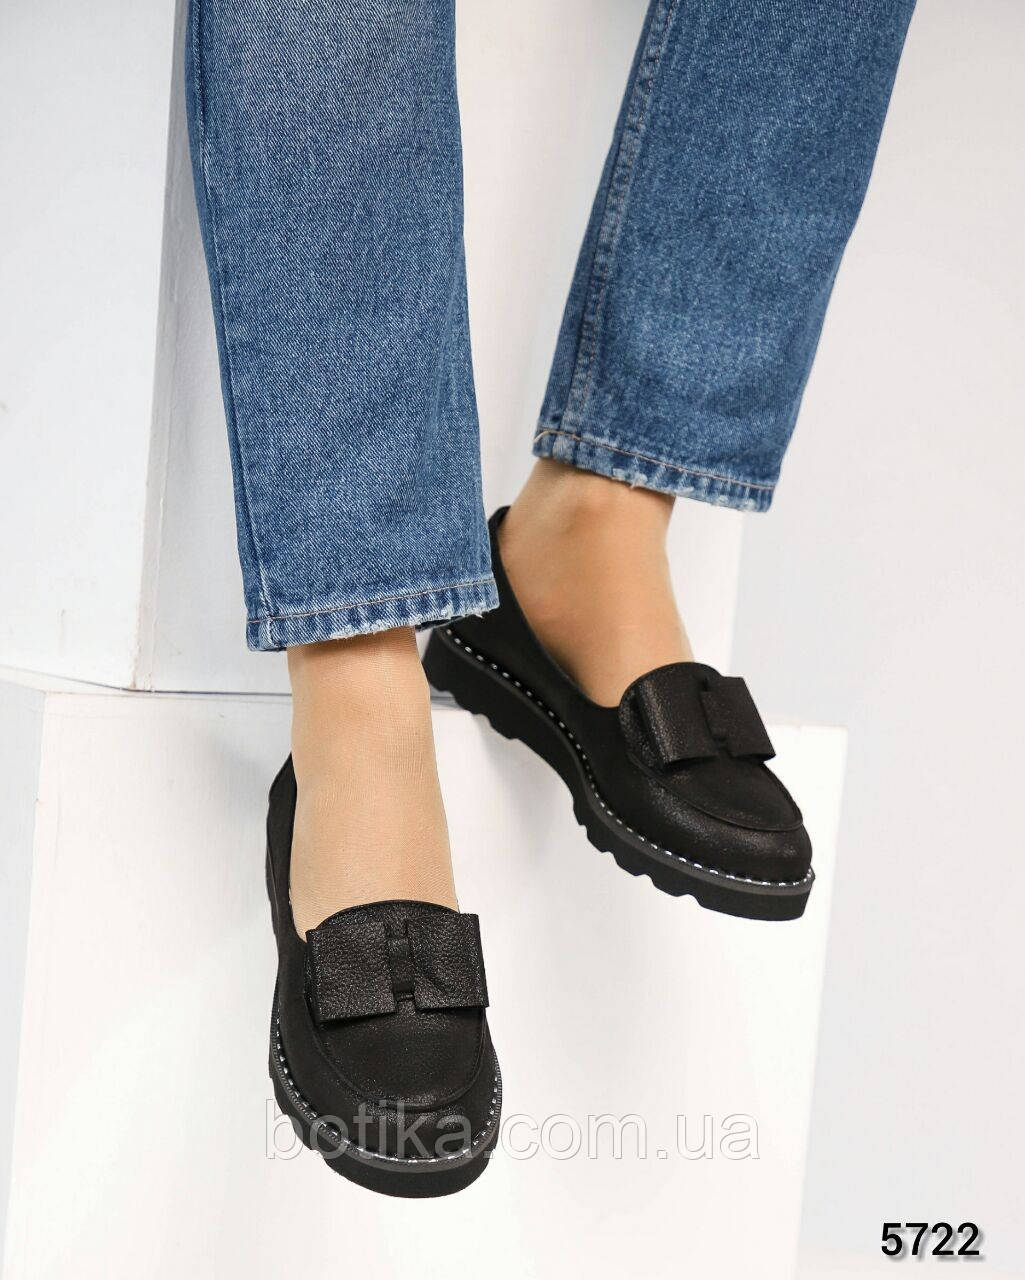 Стильные черные туфли женские с бантом